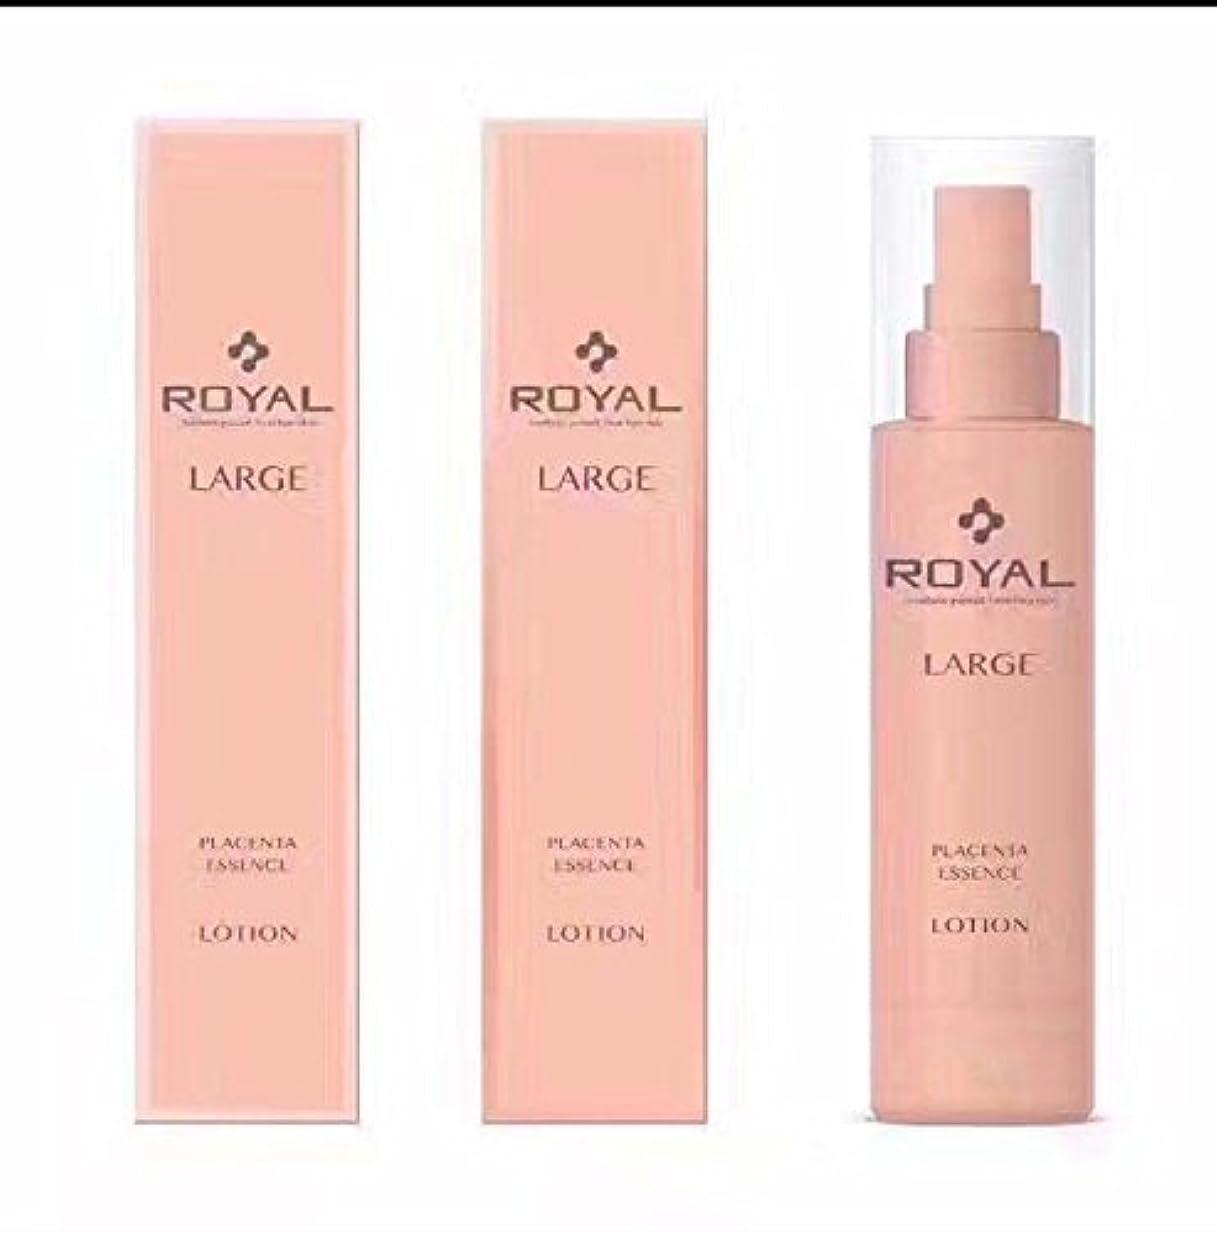 発行するくるくる匹敵しますPLACENTA ROYAL(プラセンタ ロイアル/プラセンタ ロイヤル)ラージ瓶タイプ(120ml)